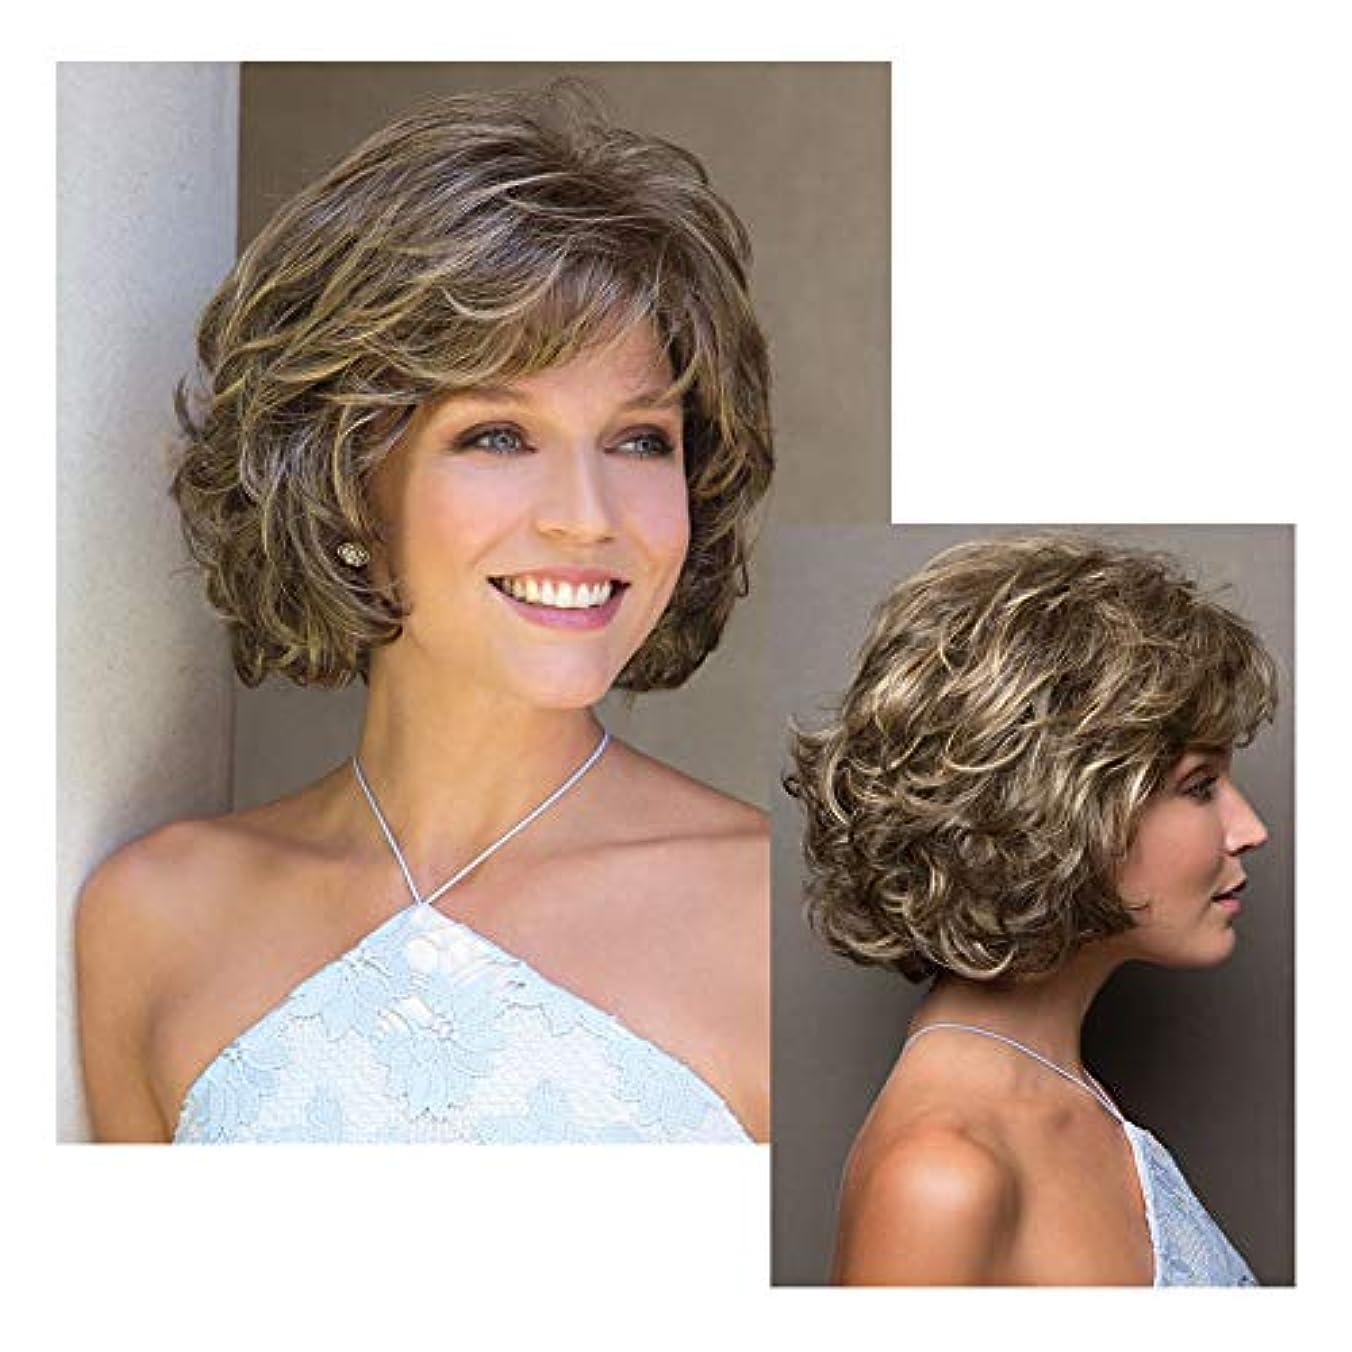 大人スカリー構成員女性用フルウィッグ、10 ``自然な茶色がかった黄色の短い巻き毛の毎日のドレスコスプレパーティーヘアピース